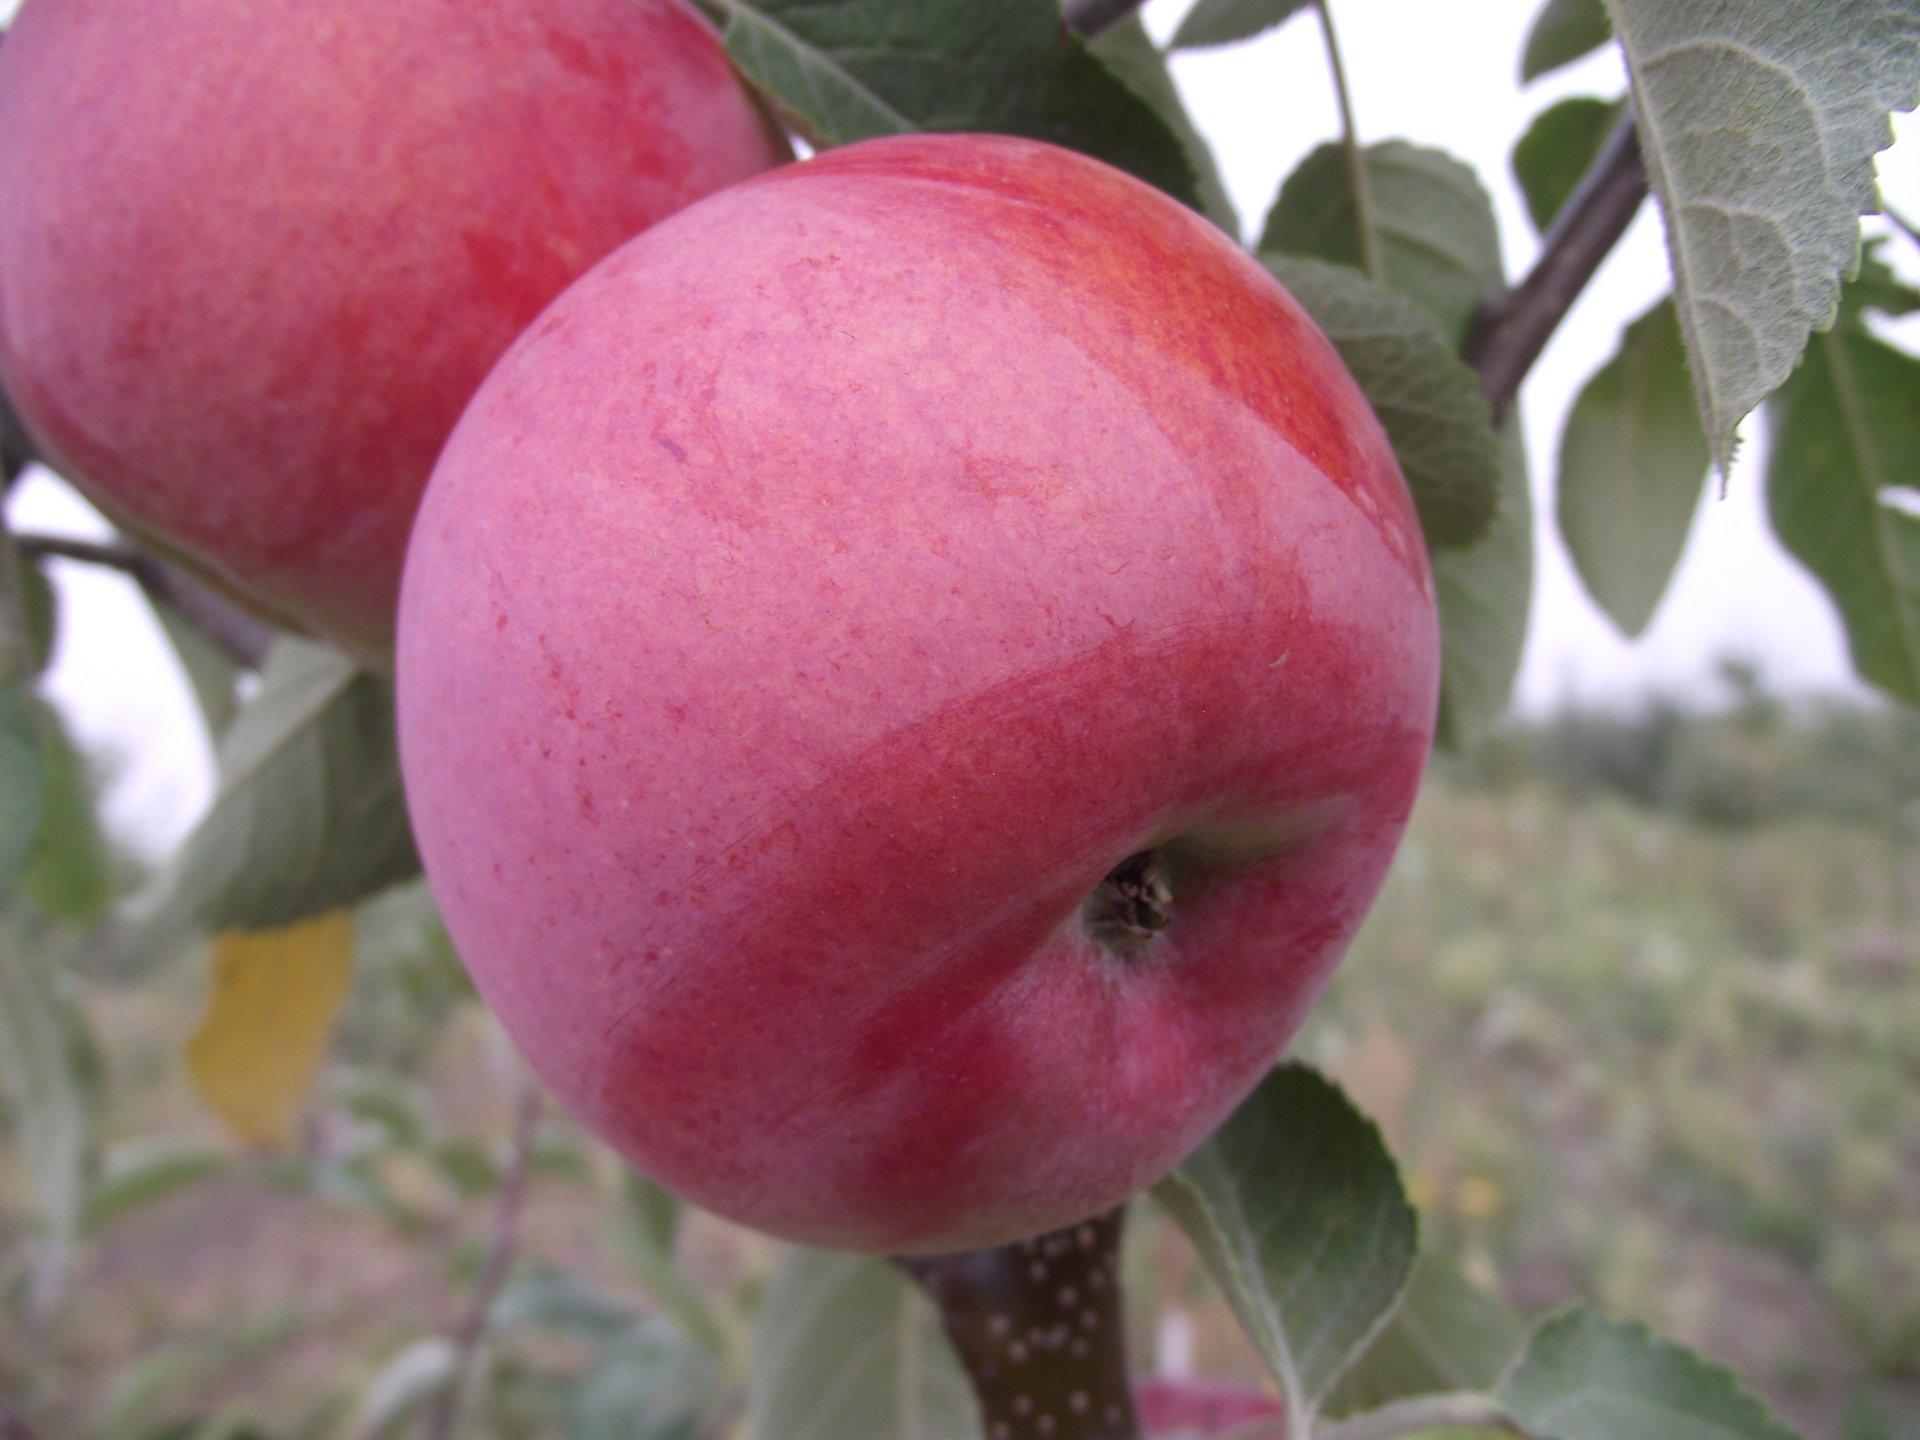 Описание и характеристики яблони сорта Строевское, тонкости выращивания